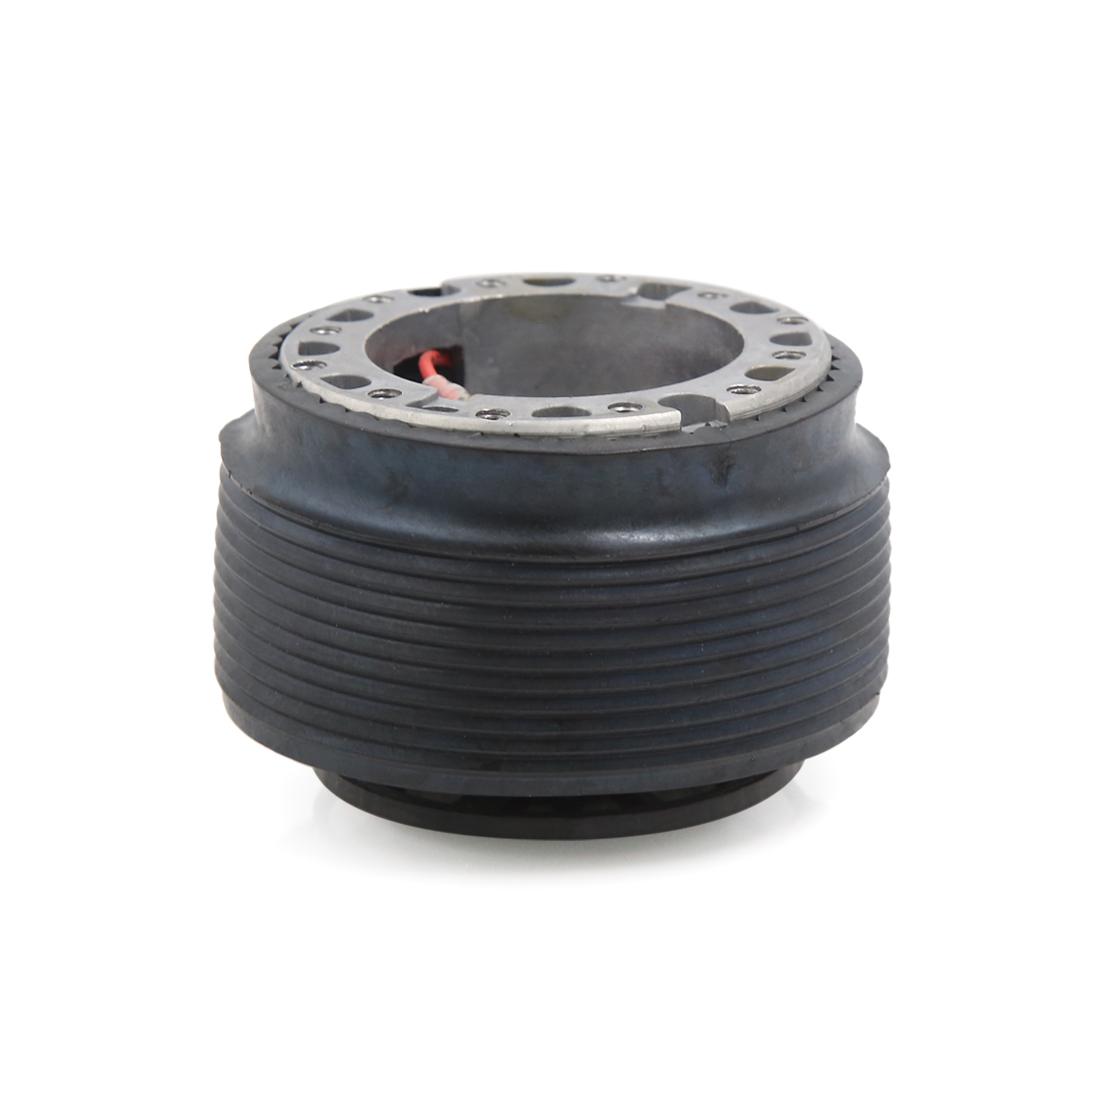 Car Black Aluminum Alloy Rubber Steering Wheel Hub Adapter Kit Base for Toyota